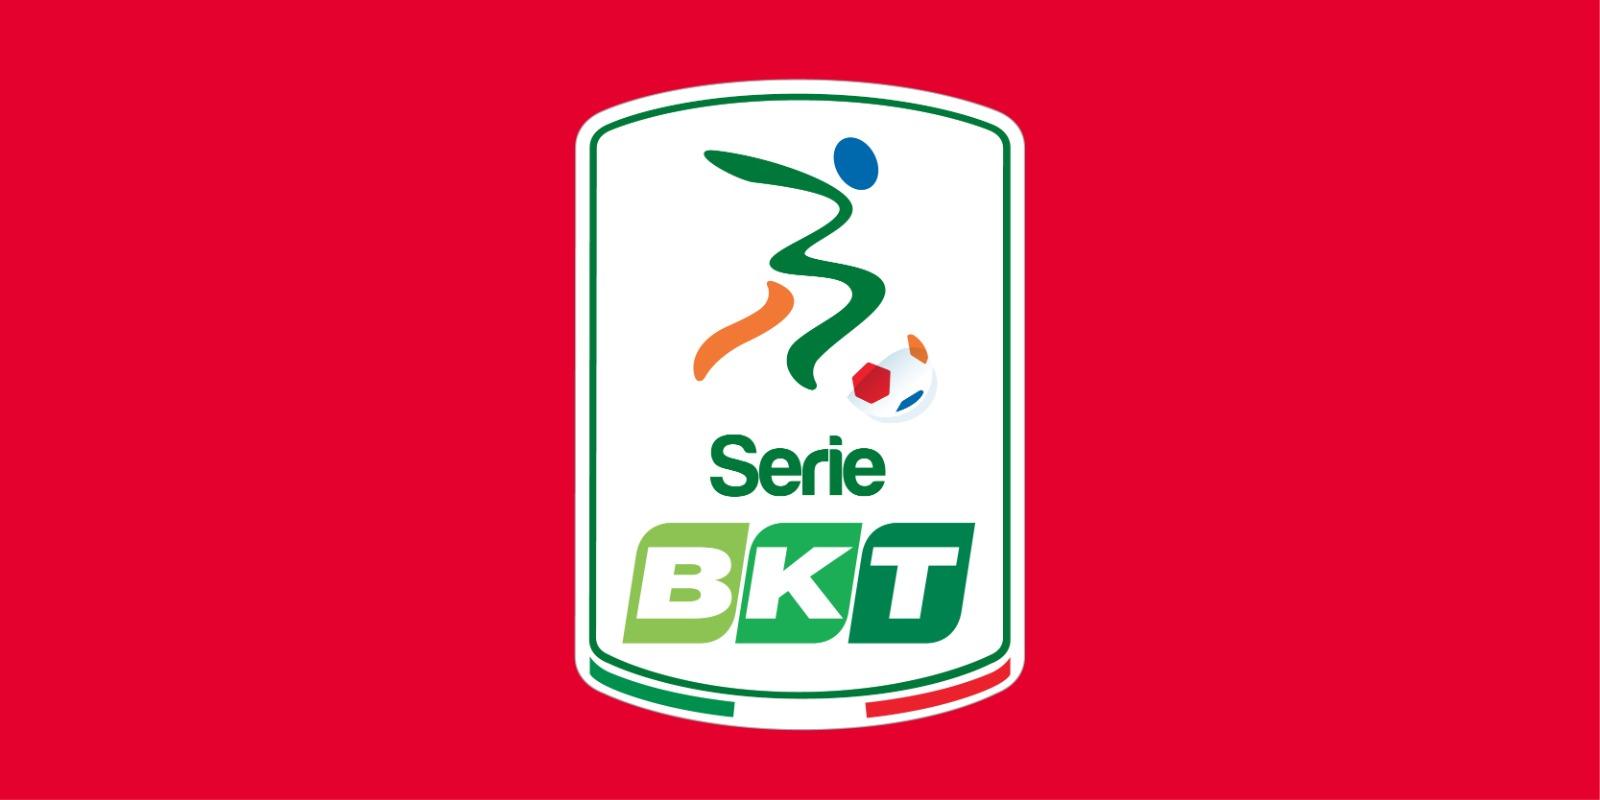 Sabato 24 luglio alle 19 i calendari della Serie BKT